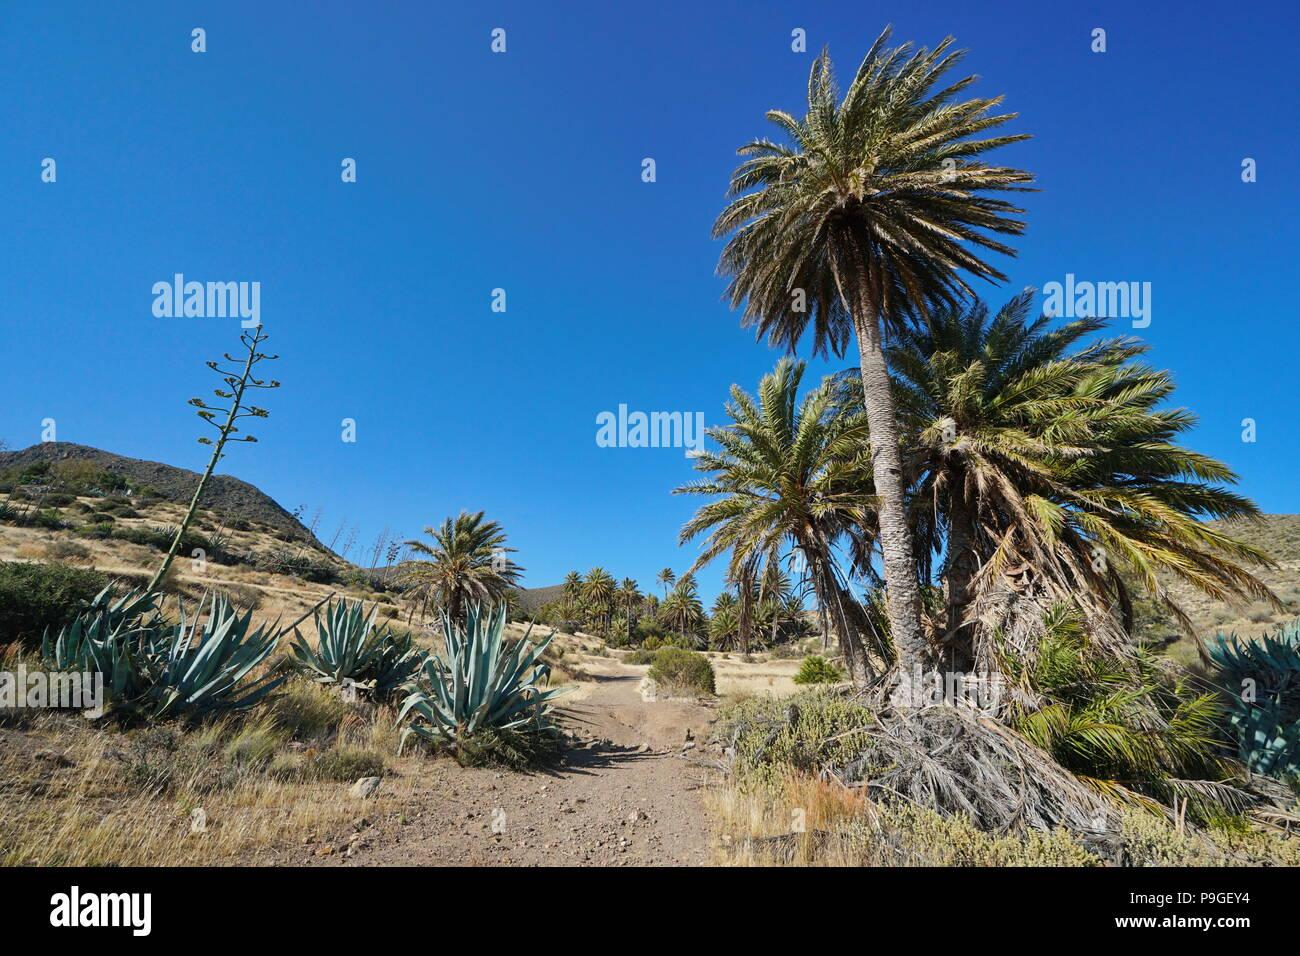 Weg mit Palmen und Agaven in der Nähe des Dorfes La Isleta del Moro in Cabo de Gata-Níjar, Almería, Andalusien, Spanien Stockbild